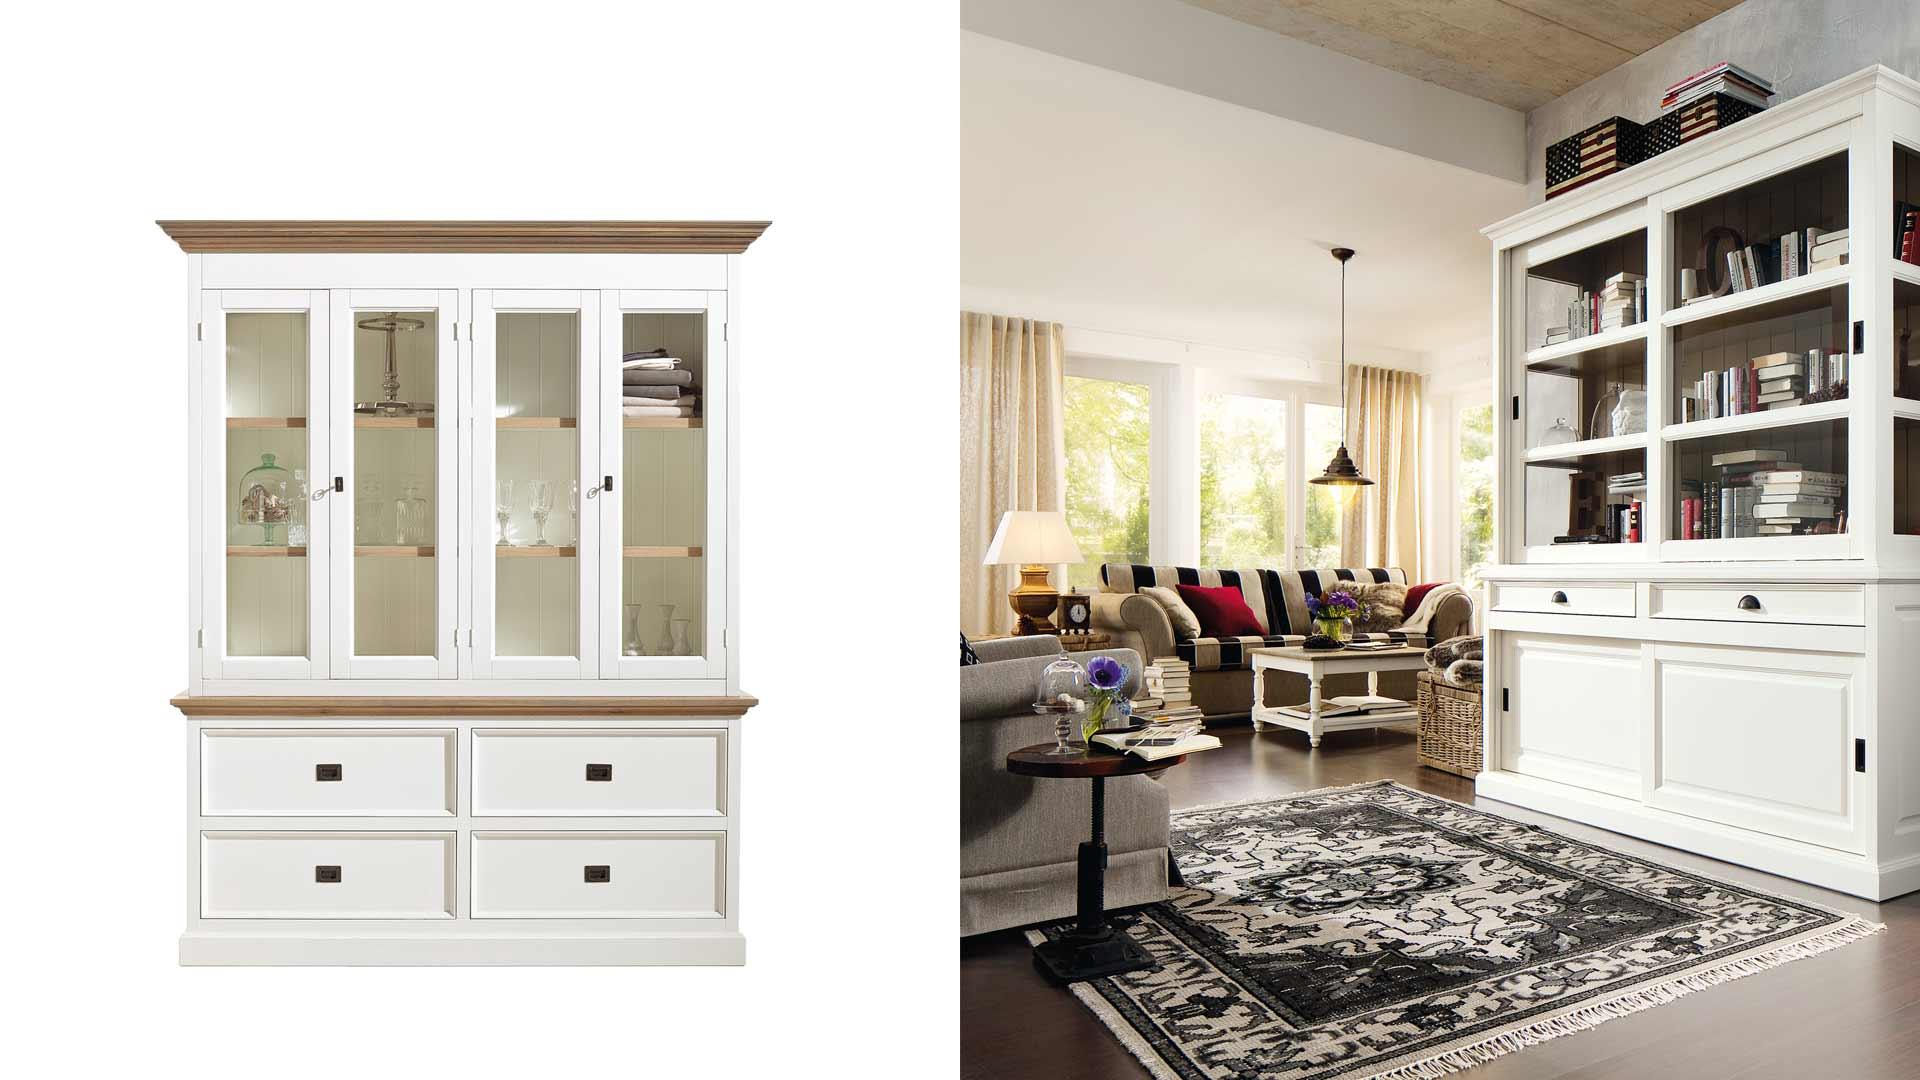 natura rockfort von natura einrichten in westoverledingen ot ihrhove nahe leer m bel schr der. Black Bedroom Furniture Sets. Home Design Ideas